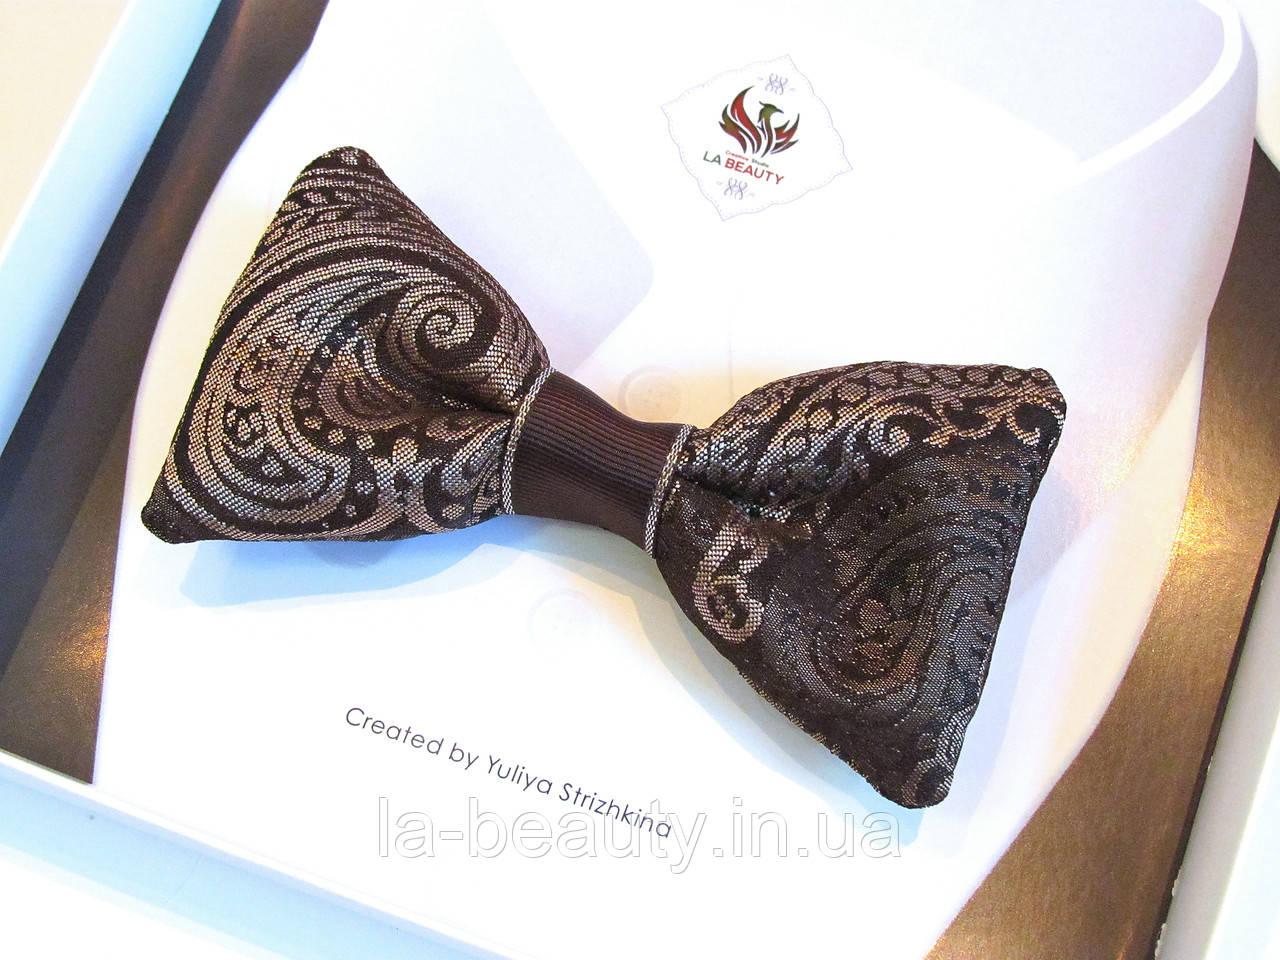 Дизайнерский галстук - бабочка для мужчины, женщины, мальчика кофейный с золотом эксклюзив - 1